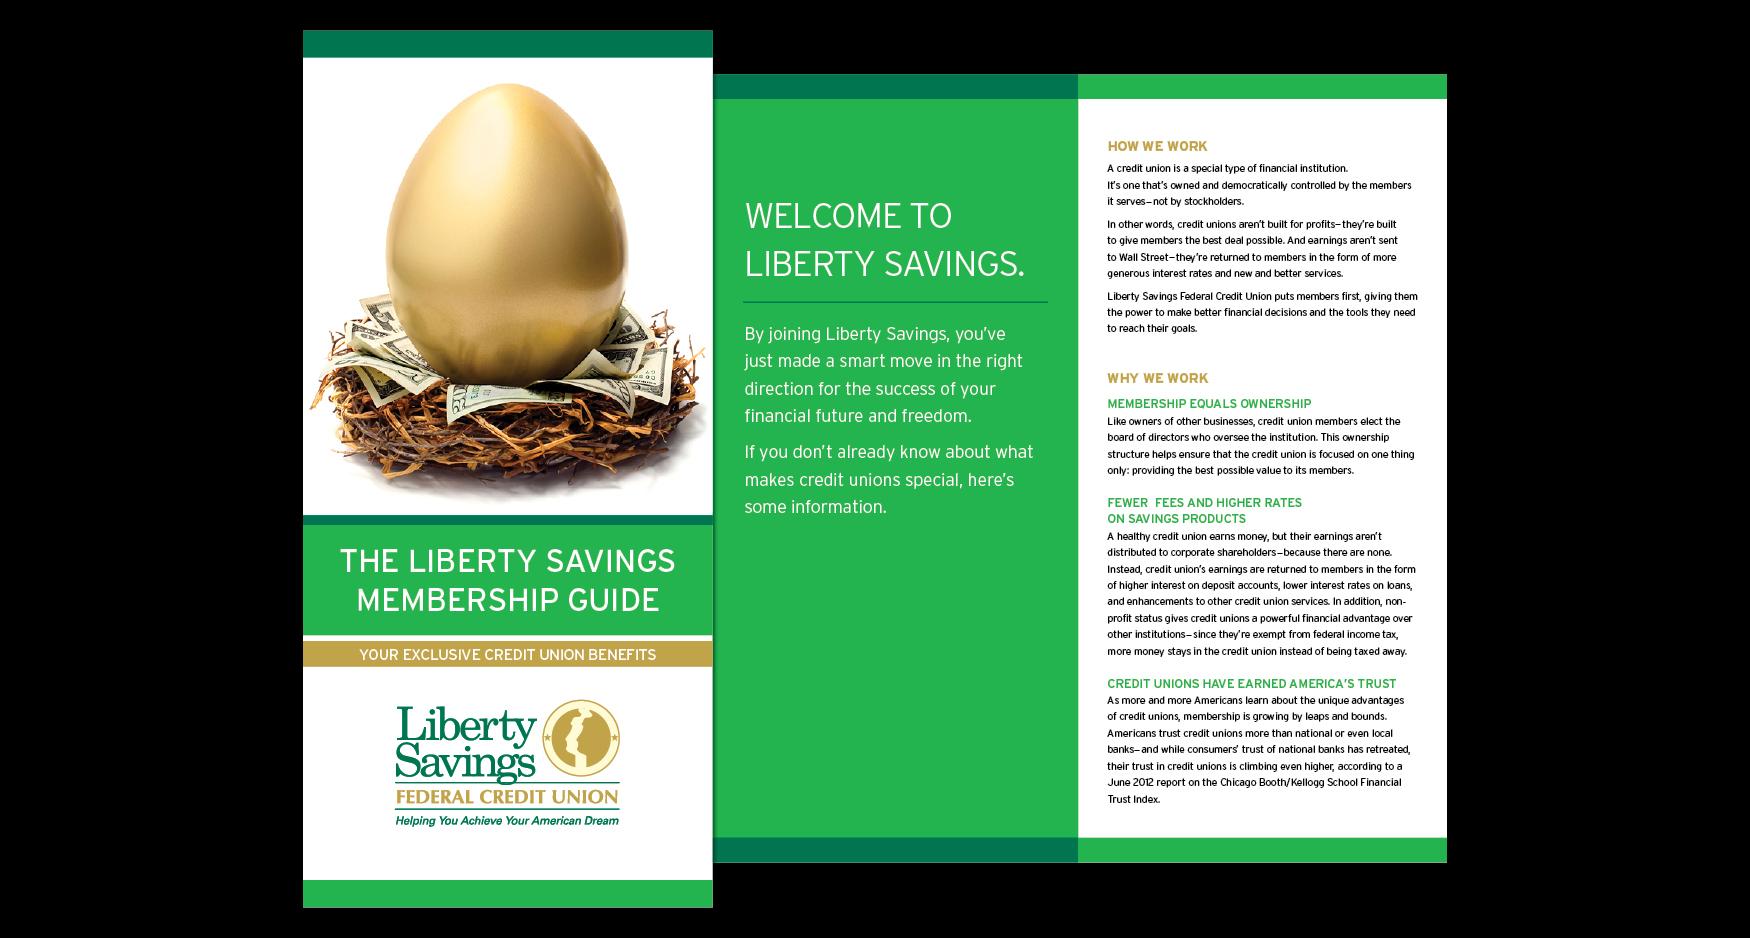 BP Large Website Images28 - LIBERTY SAVINGS - NEW MEMBER GUIDE